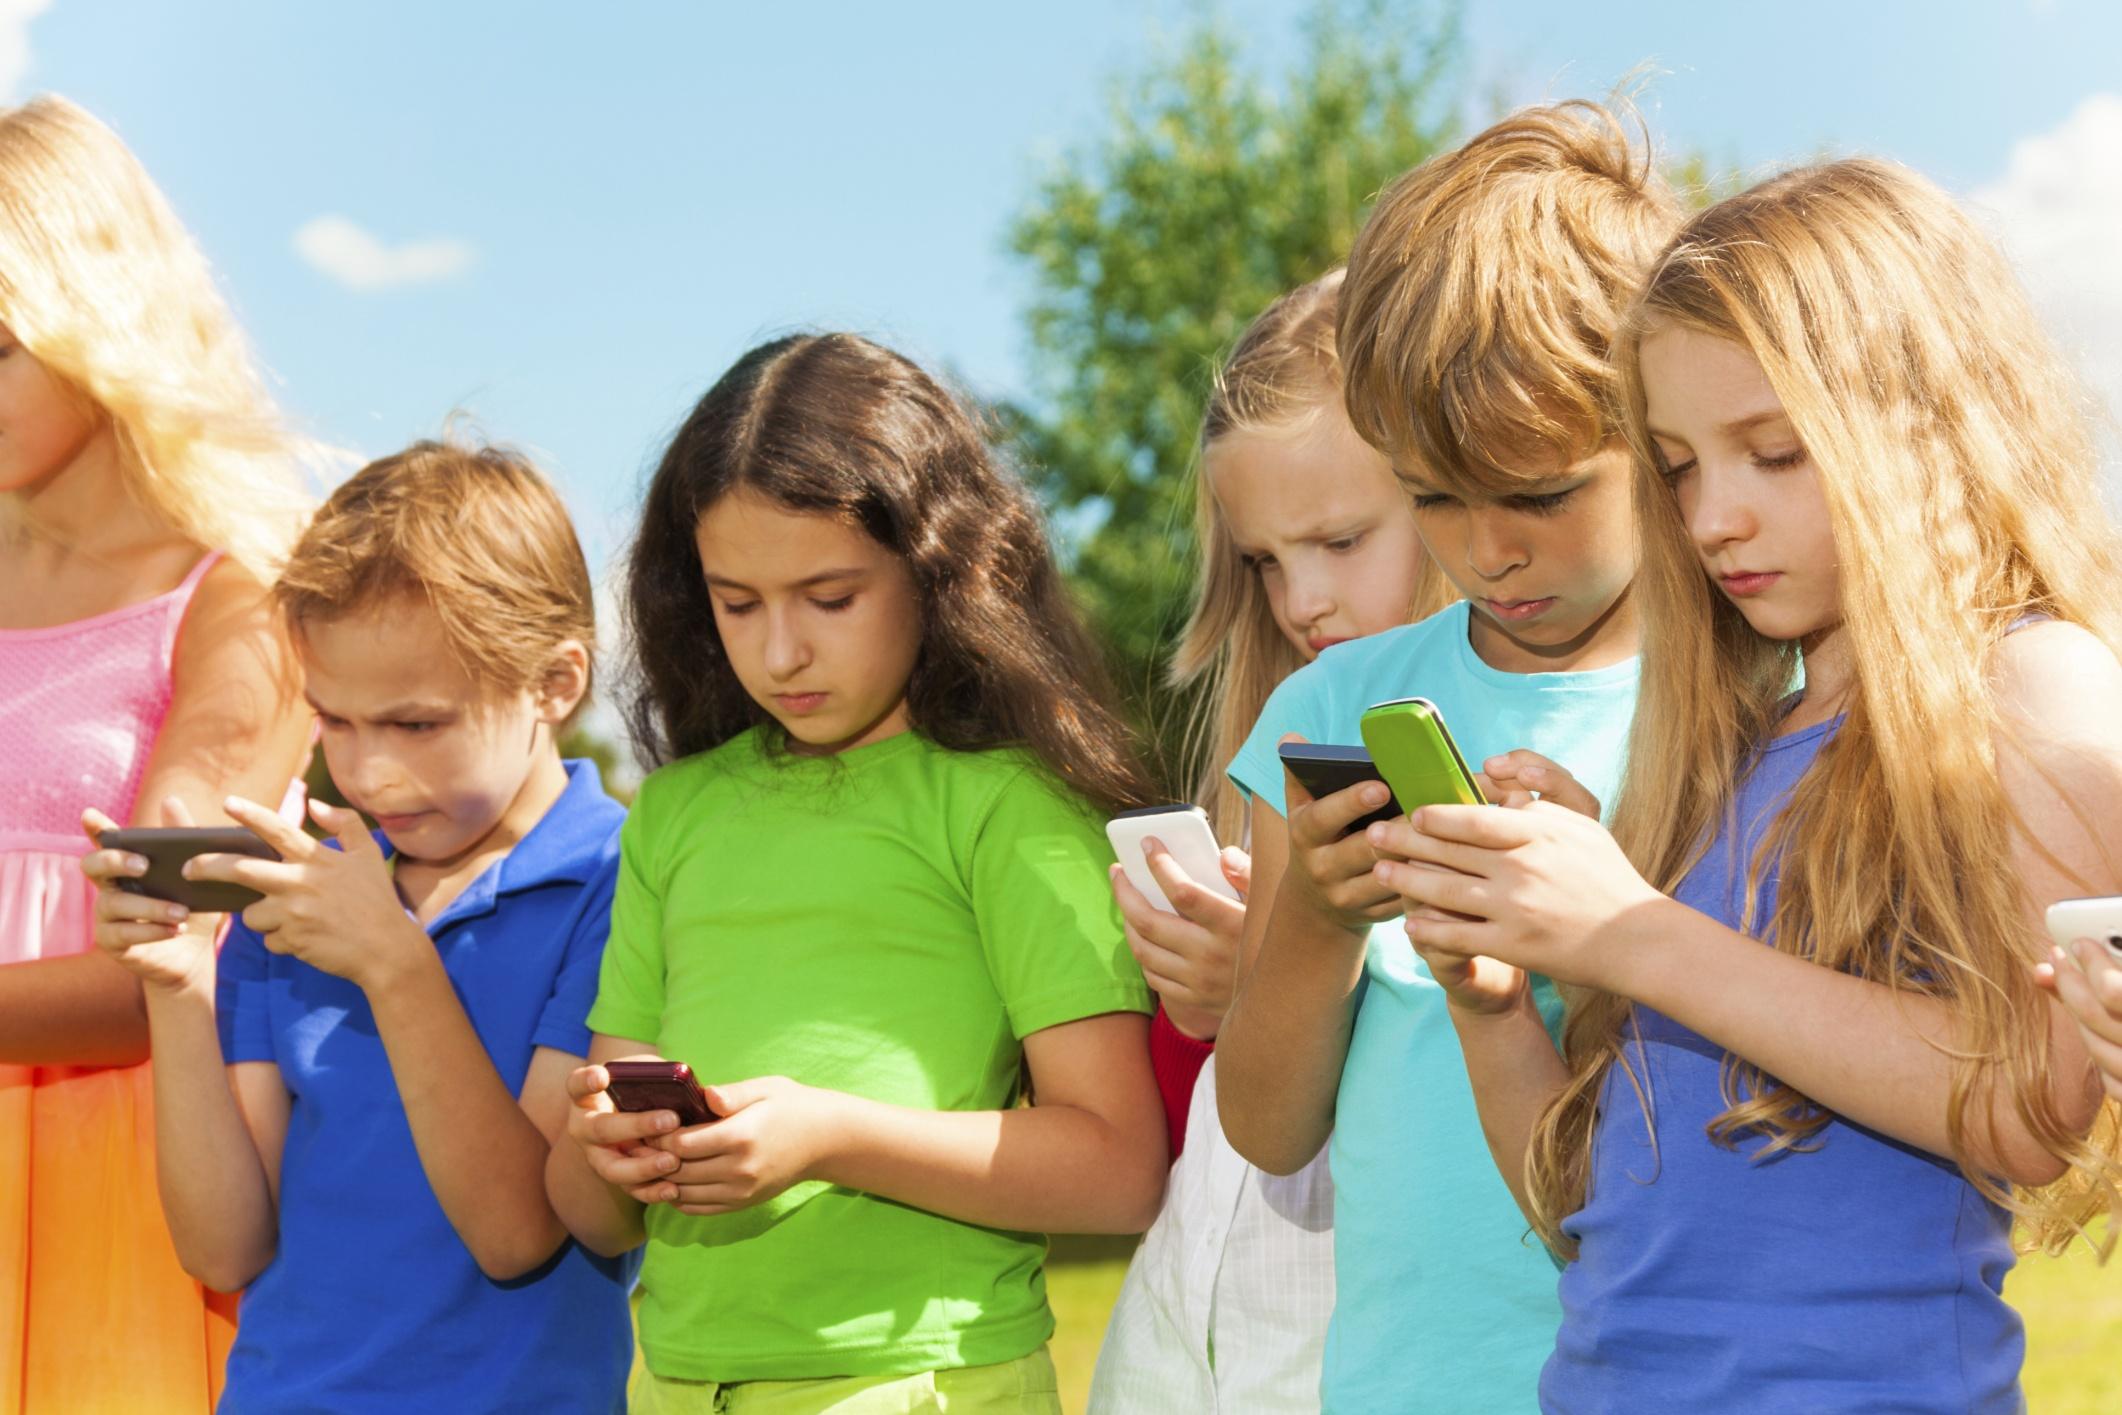 Cellphonekids